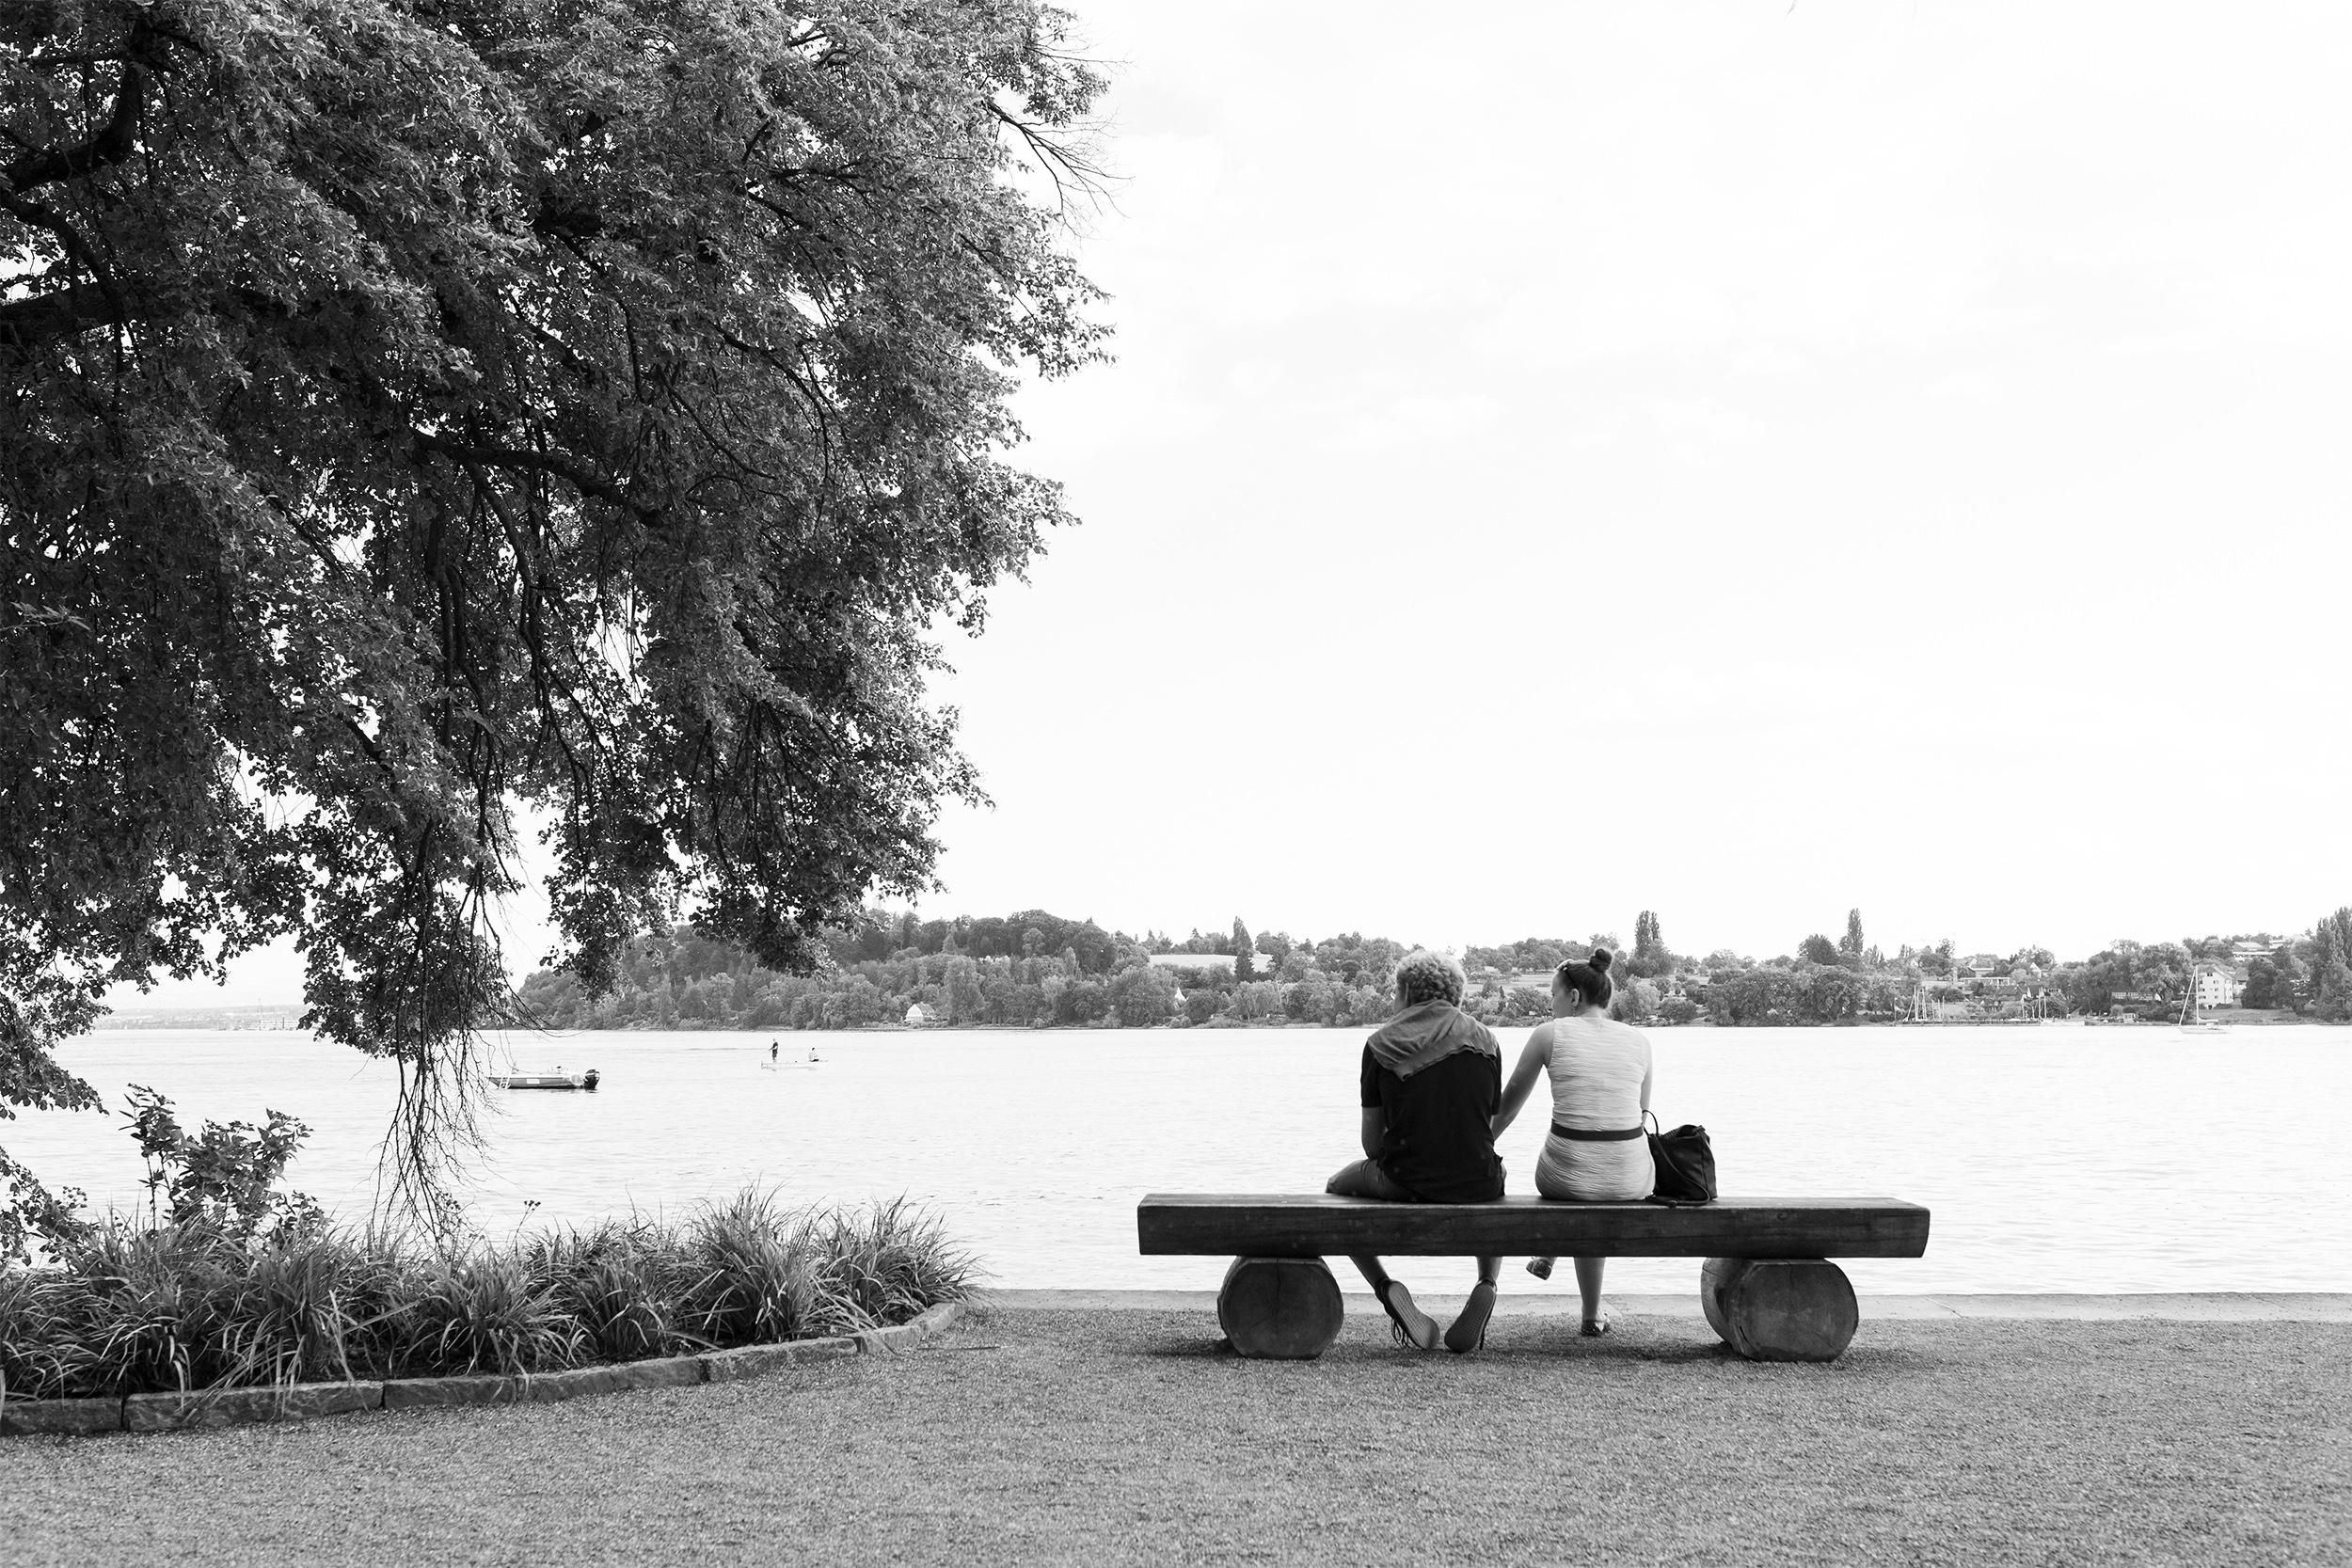 Päärchen sitzt auf einer Bank am Ufer der Insel Mainau, Bodensee.